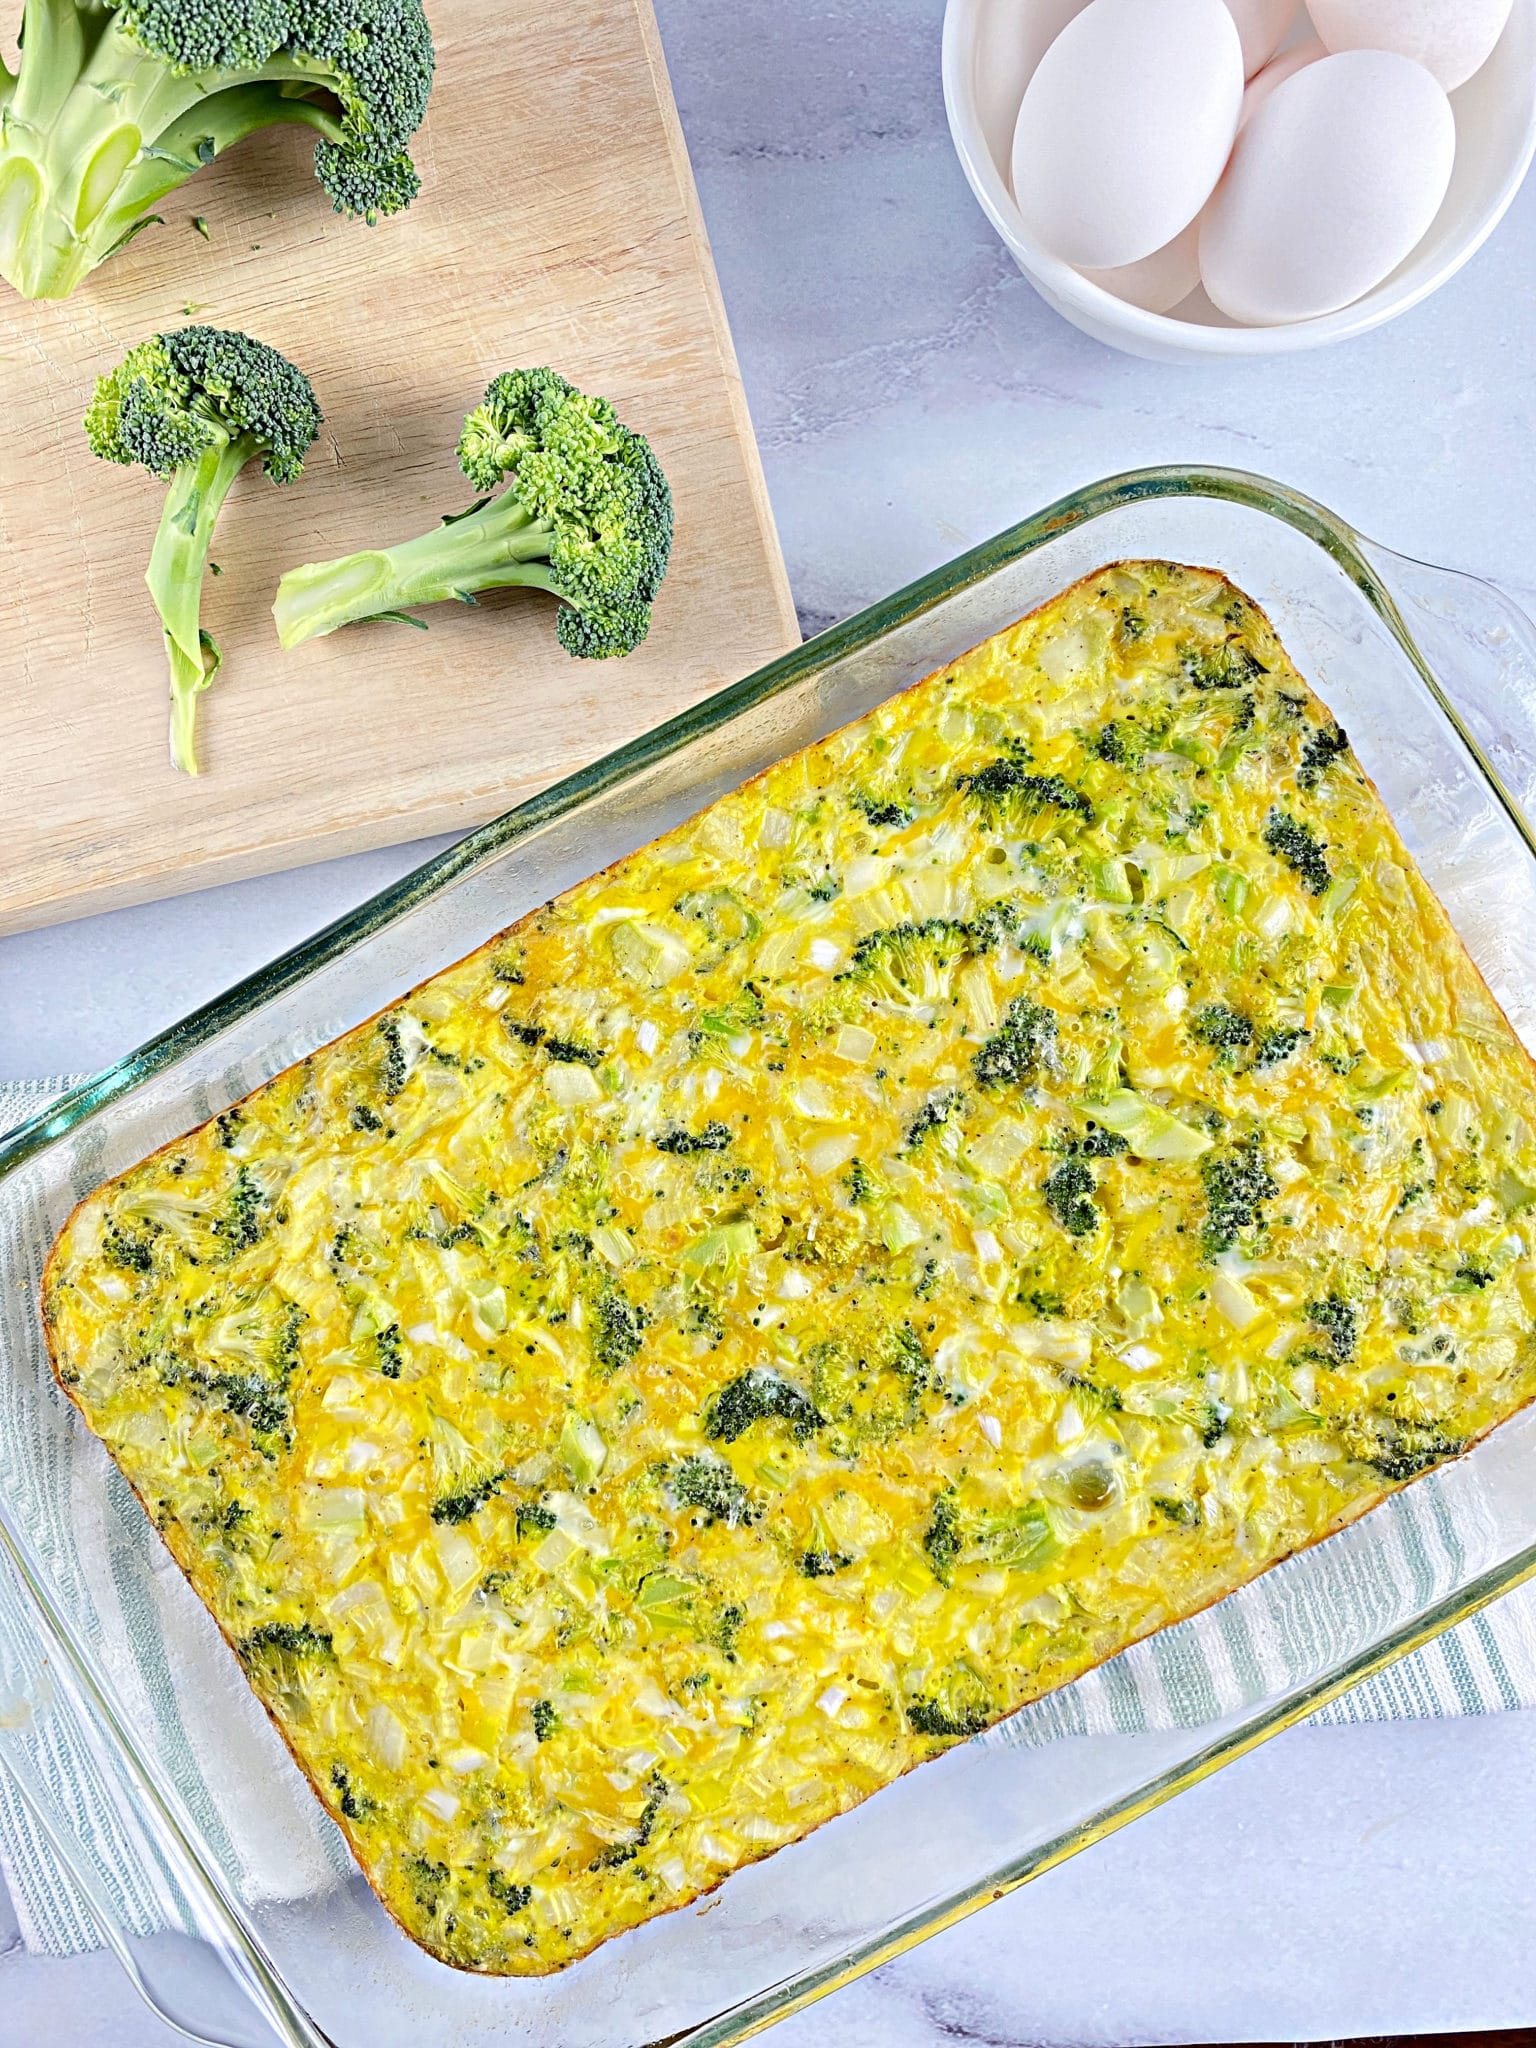 Broccoli Egg Bake Your Choice Nutrition